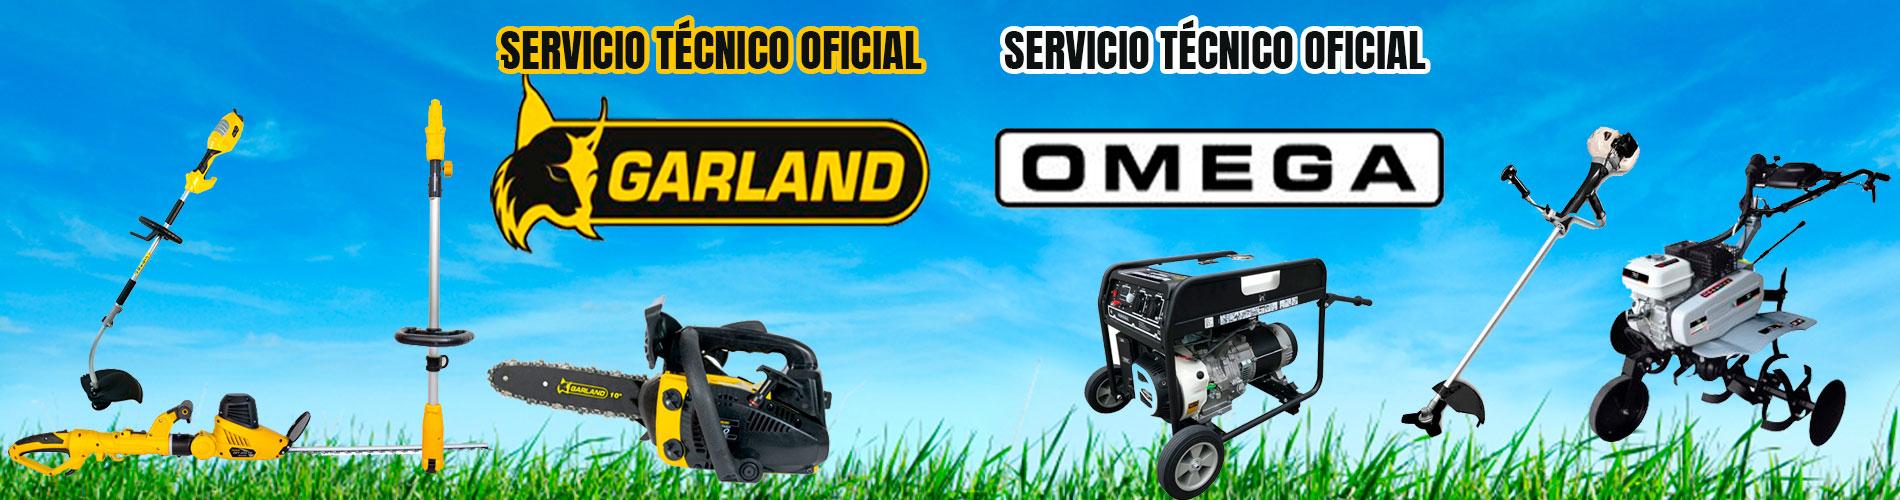 Servicio tecnico oficial Garland y Omega - Contacta con nosotros